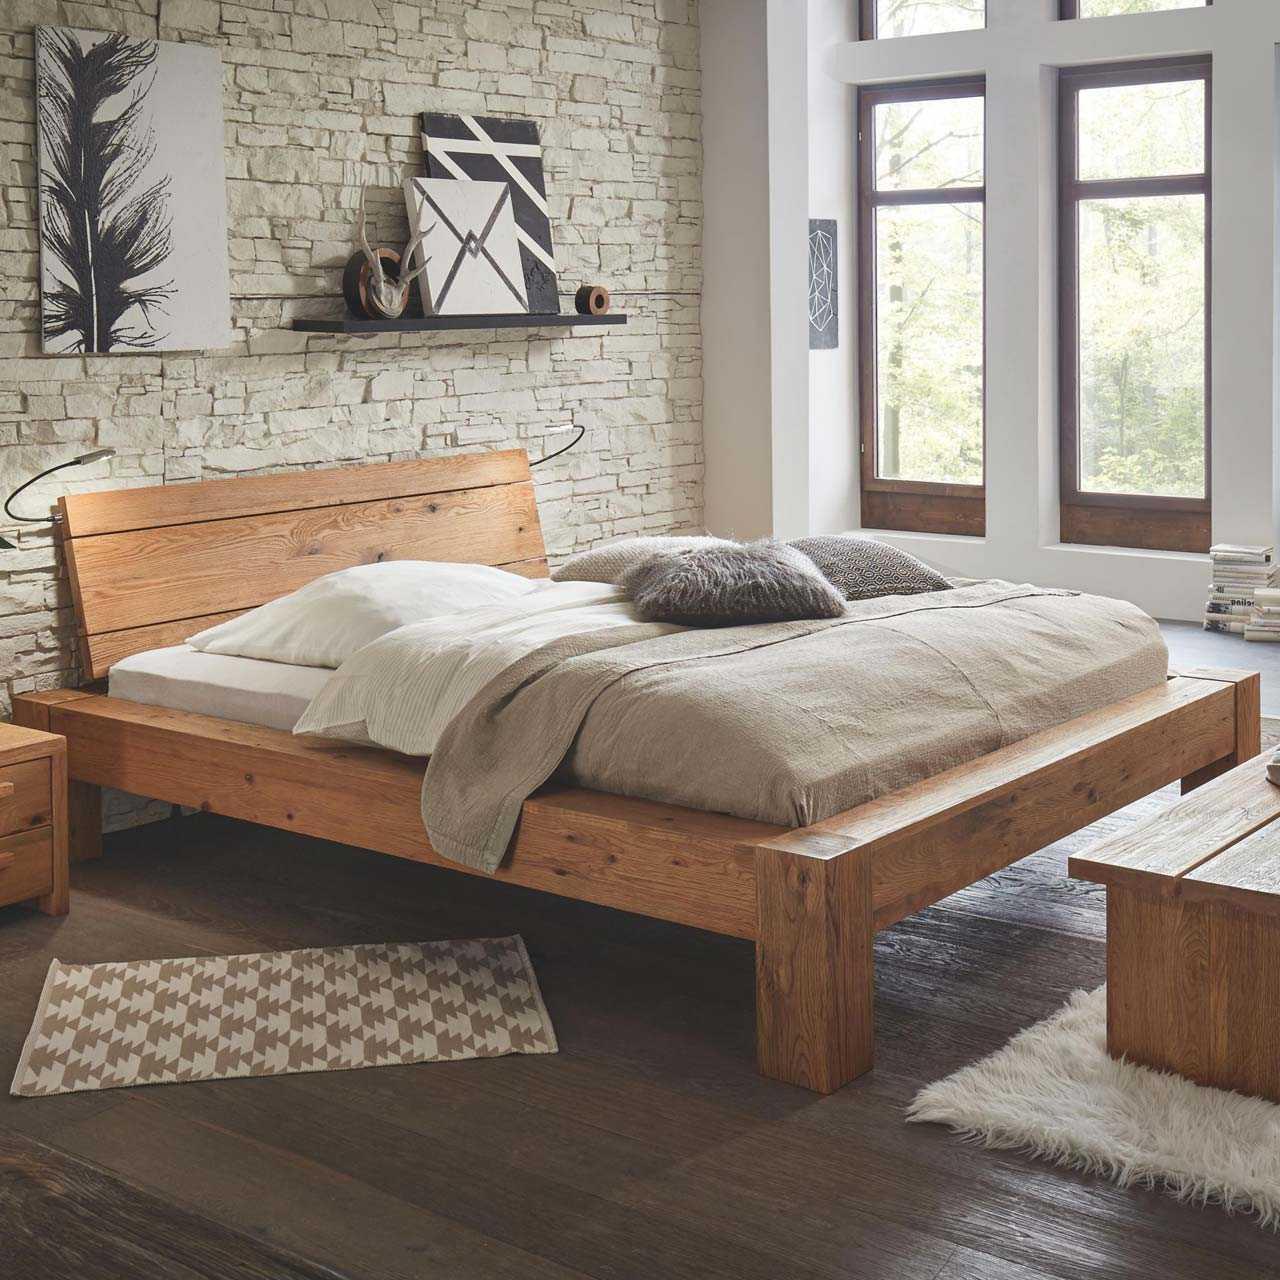 голой кровати двуспальные для деревянного дома фото очень удобно ставишь